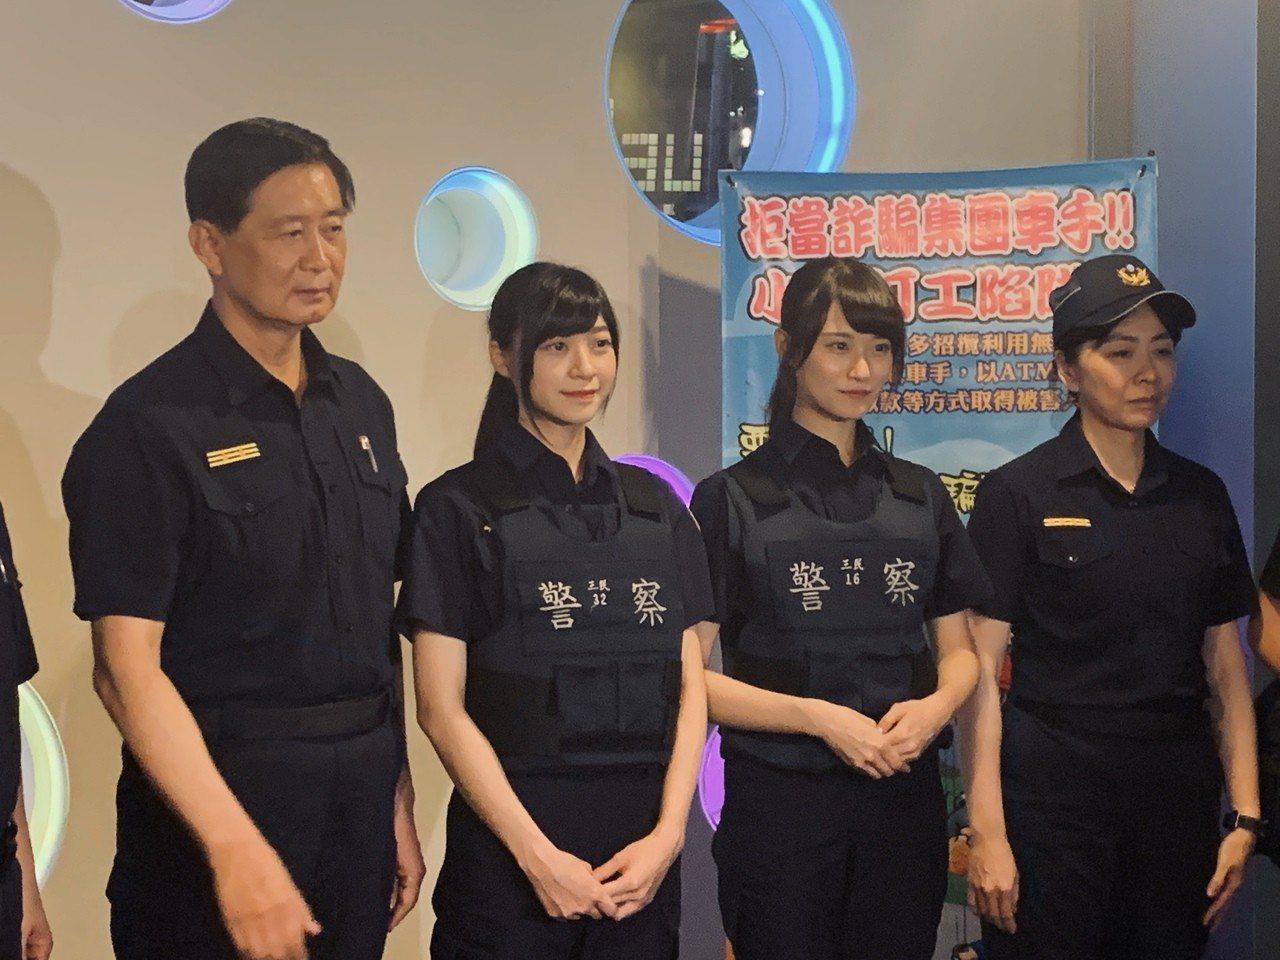 新北市警察局首度邀來偶像少女團體一同為青少年暑期安全進行宣導,2名AKB48 T...